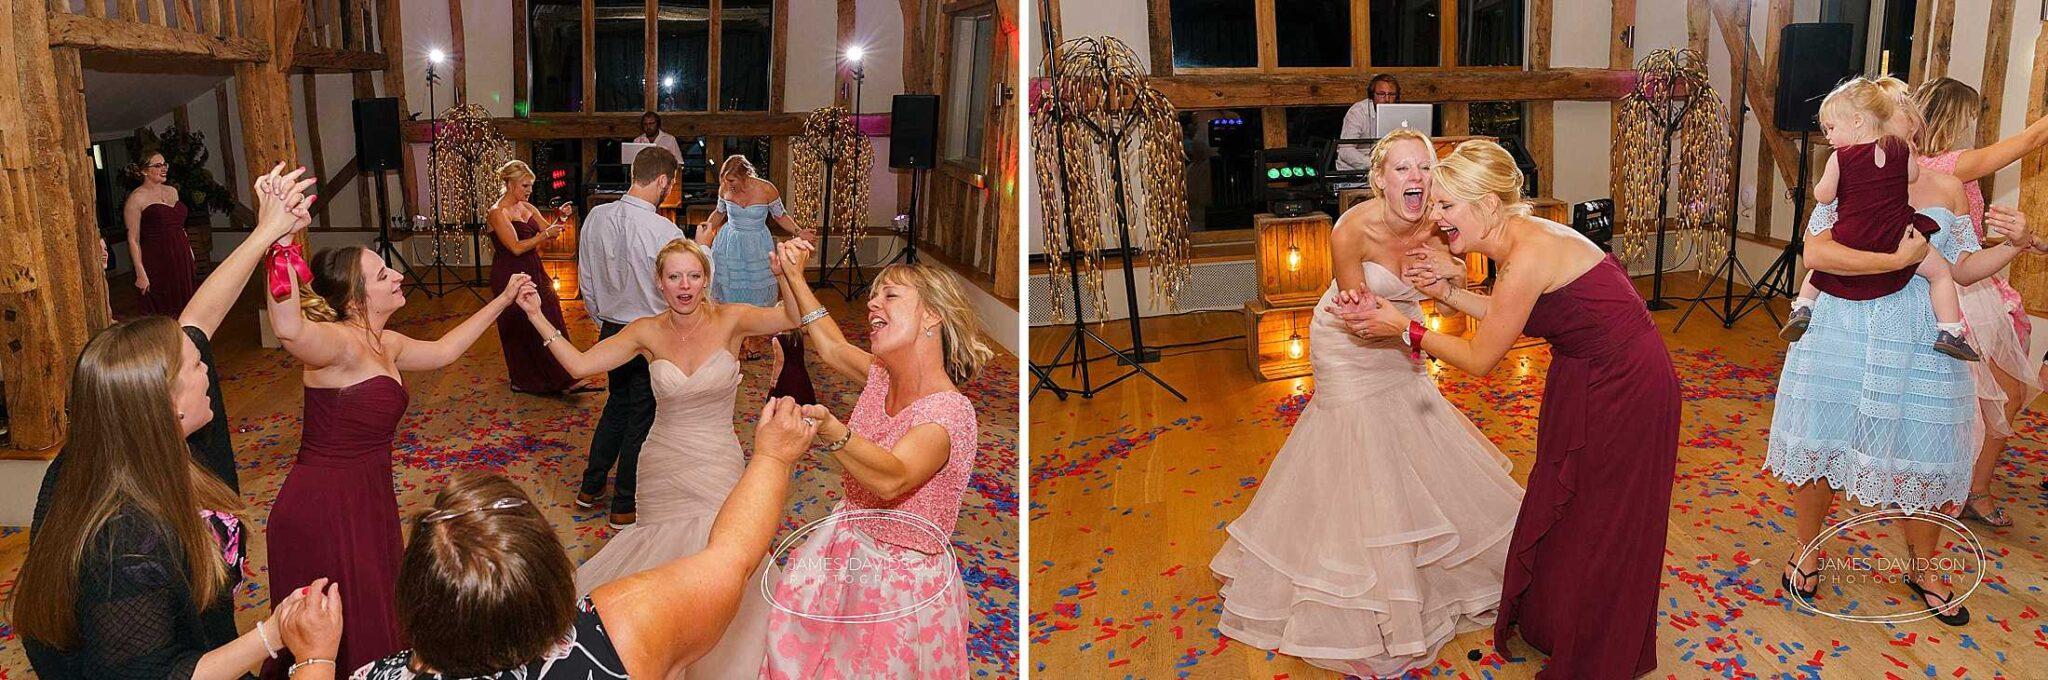 easton-grange-weddings-117